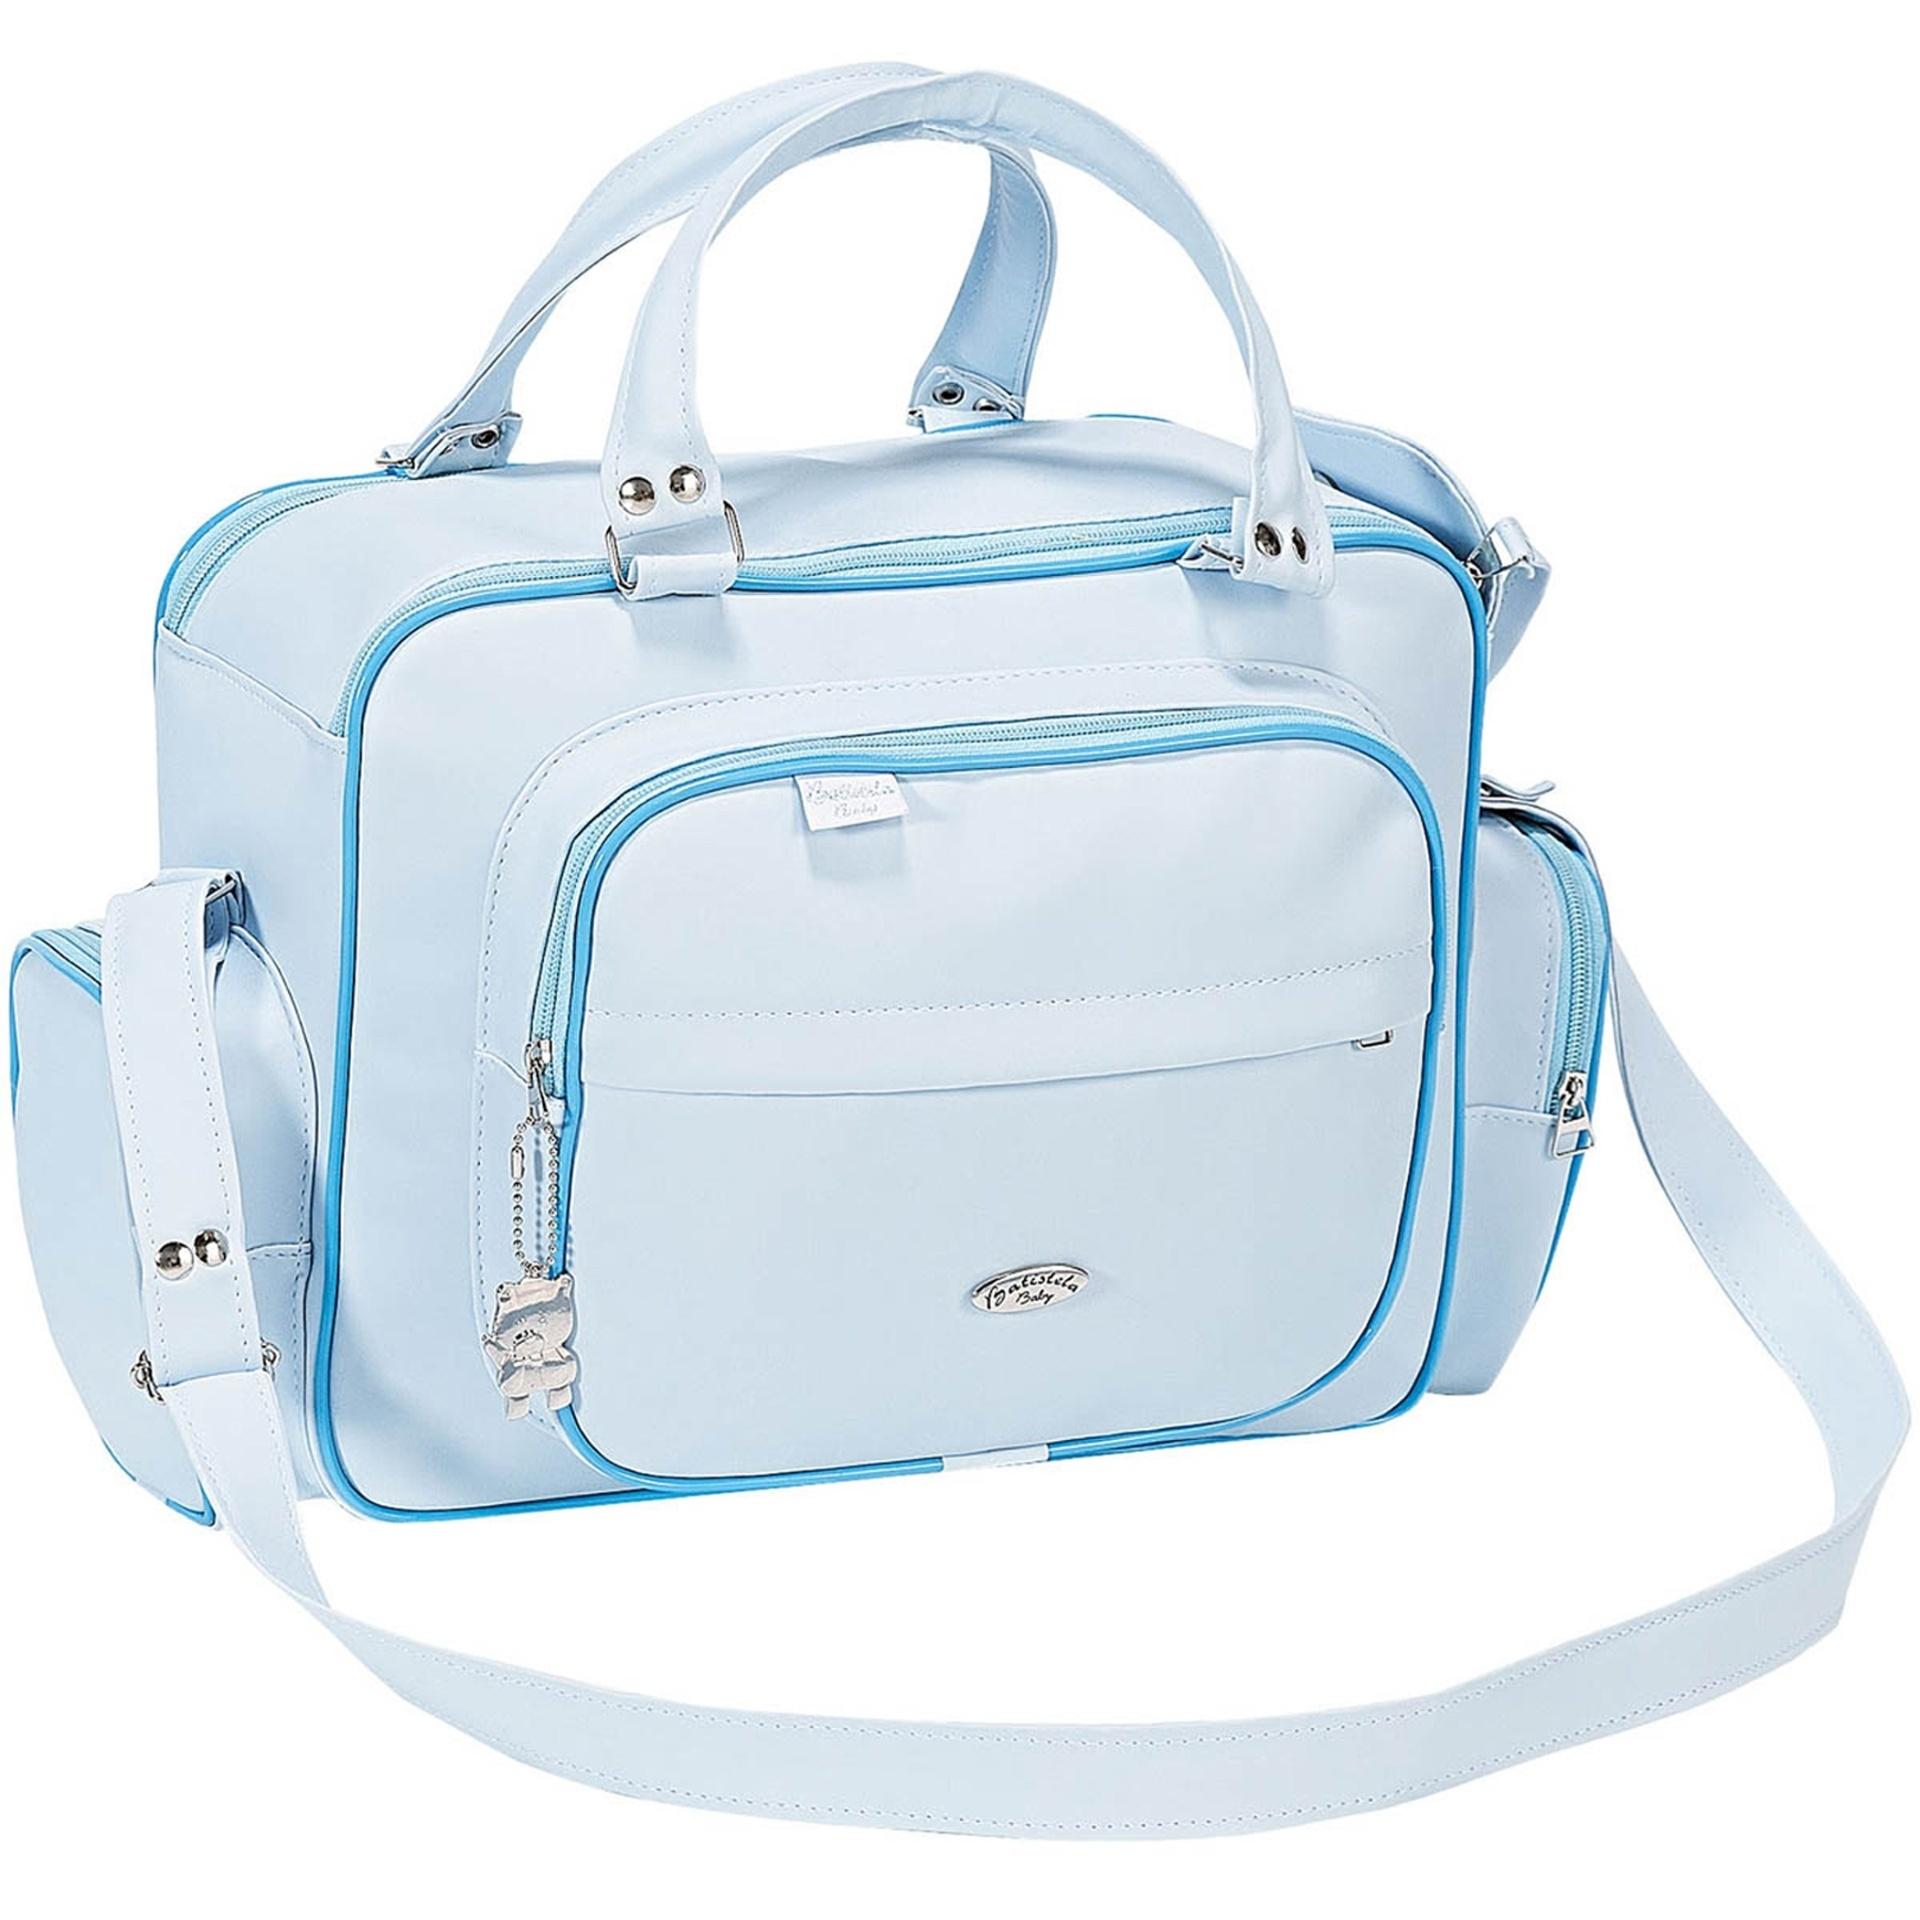 Bolsa Para Carregar As Coisas Do Bebe : Fotos pais tamb?m precisam de bolsa para carregar as